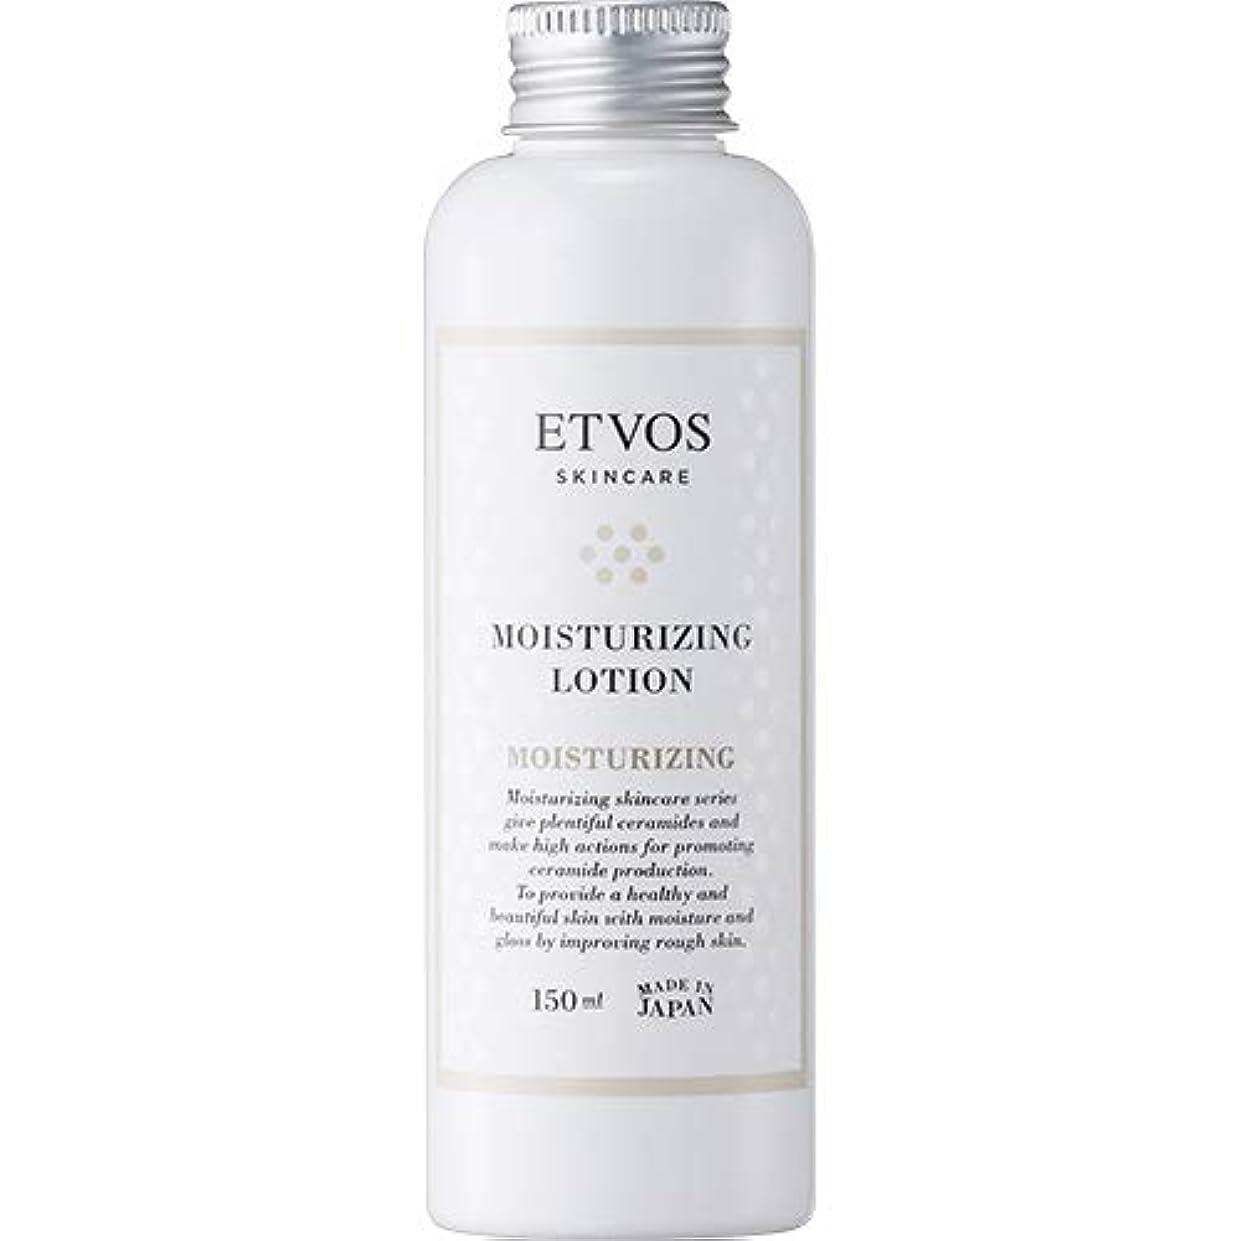 エージェント優先要求するETVOS(エトヴォス) 保湿化粧水 モイスチャライジングローション 150ml セラミド 乾燥肌 パラベンフリー